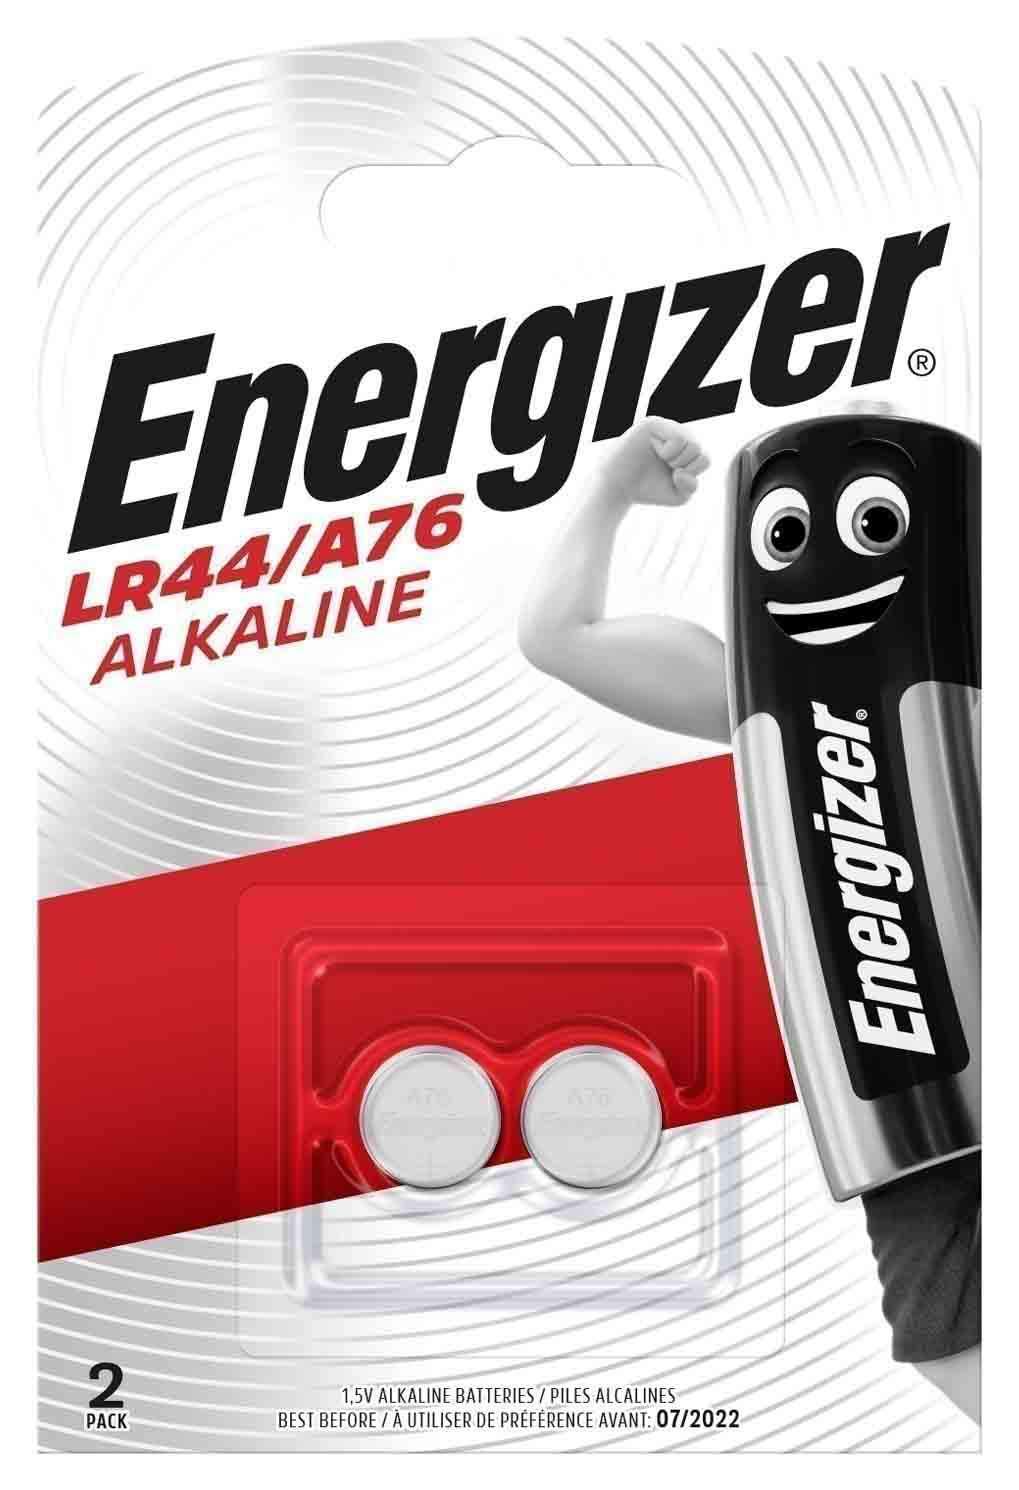 Батарейка Energizer Alkaline LR44/A76 1,5V 2 шт, купить в Москве, цены в интернет-магазинах на goods.ru